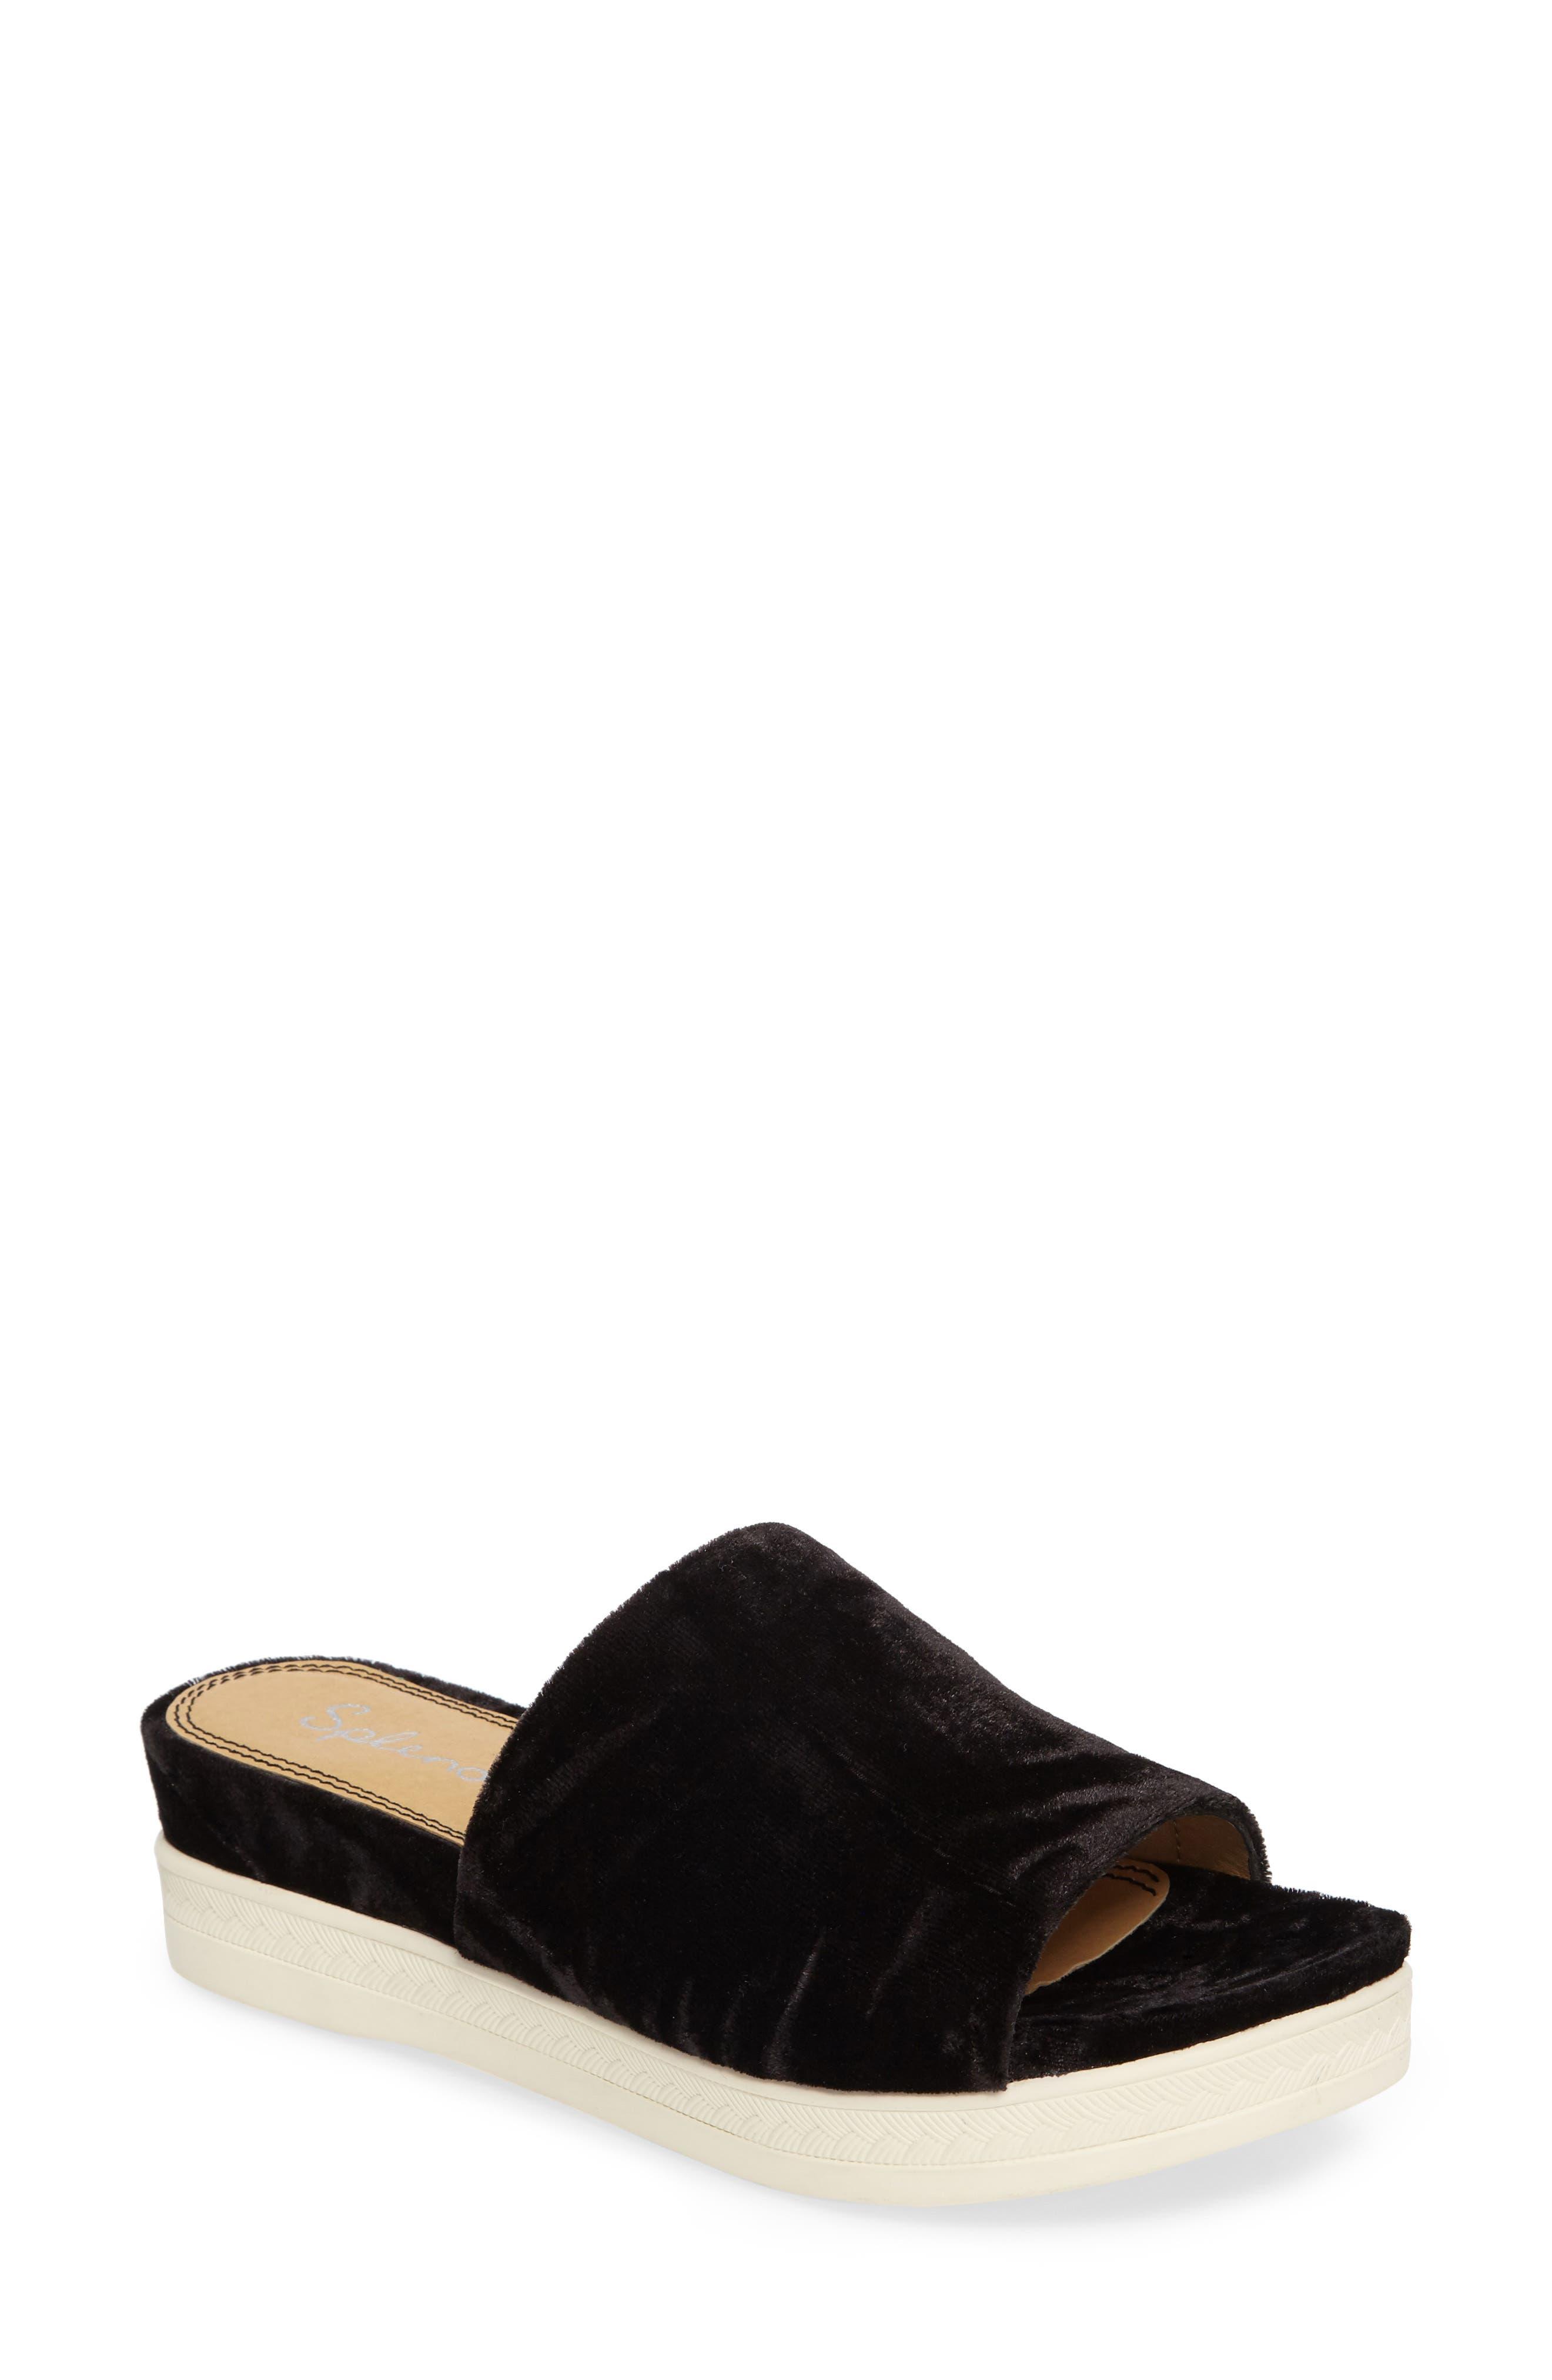 Darla Slide Sandal,                         Main,                         color, Black Velvet Fabric